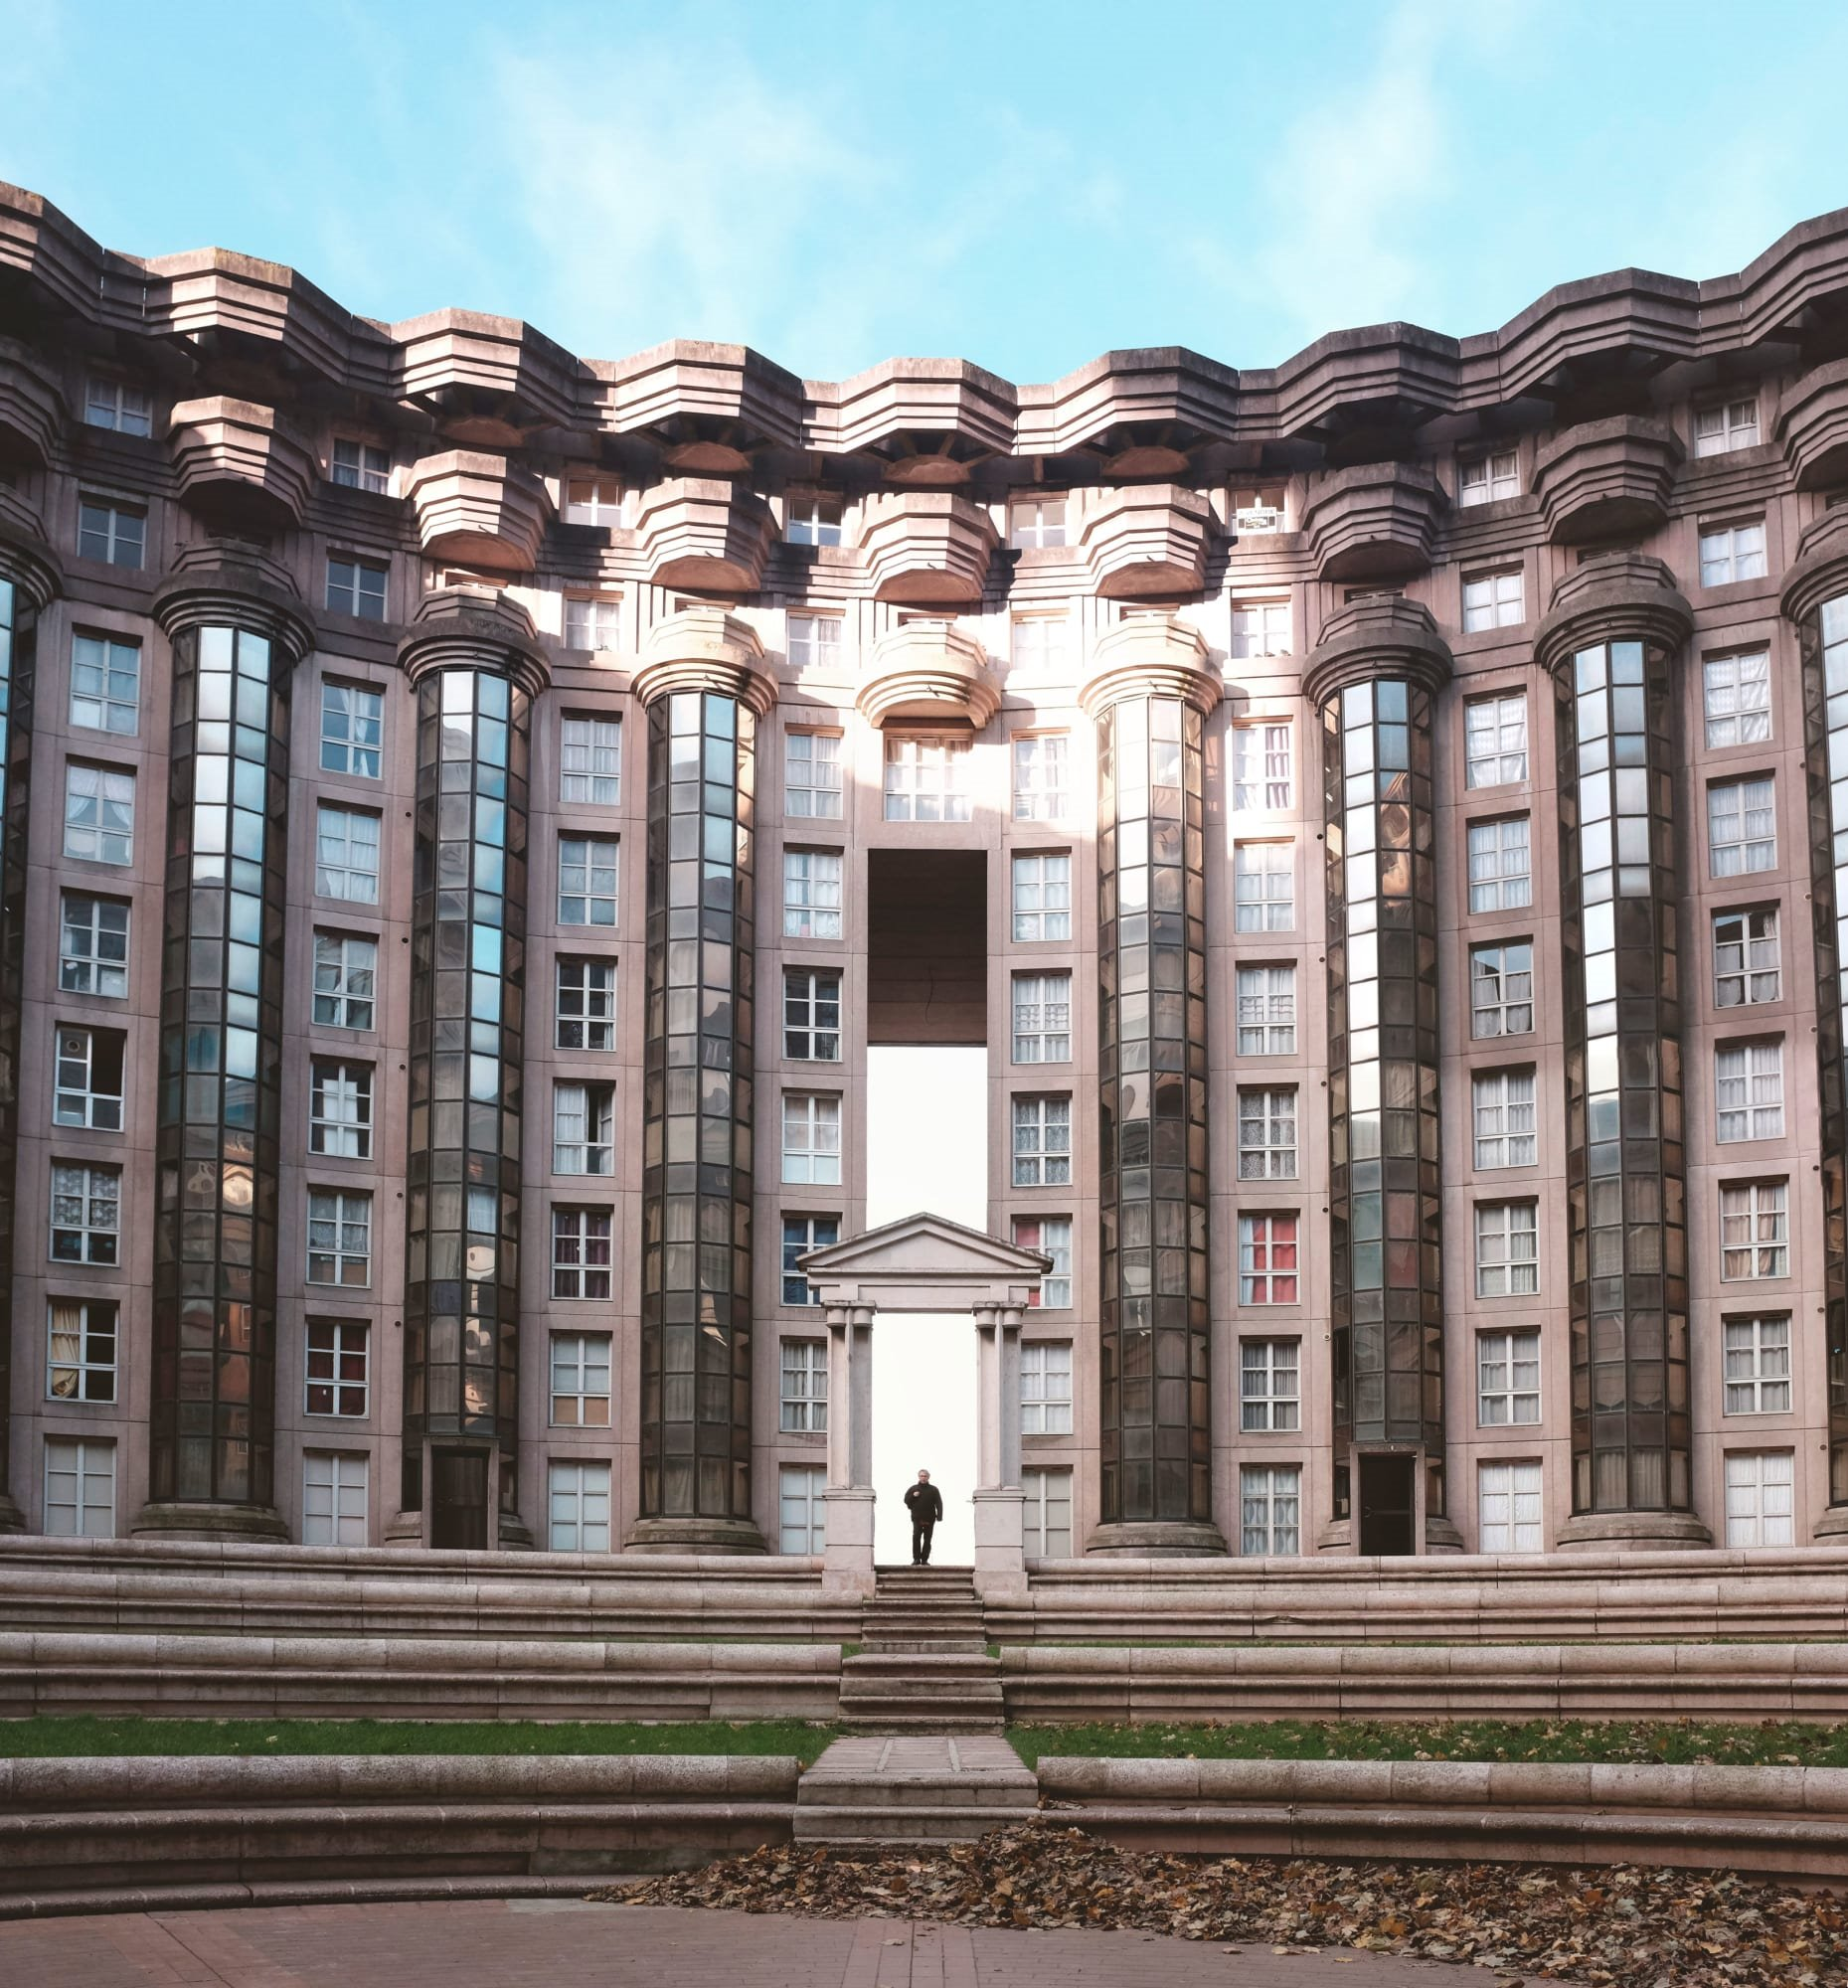 Apartamentos Para Rodar Pelicuylas Porno 10 películas y series con escenarios de arquitectura